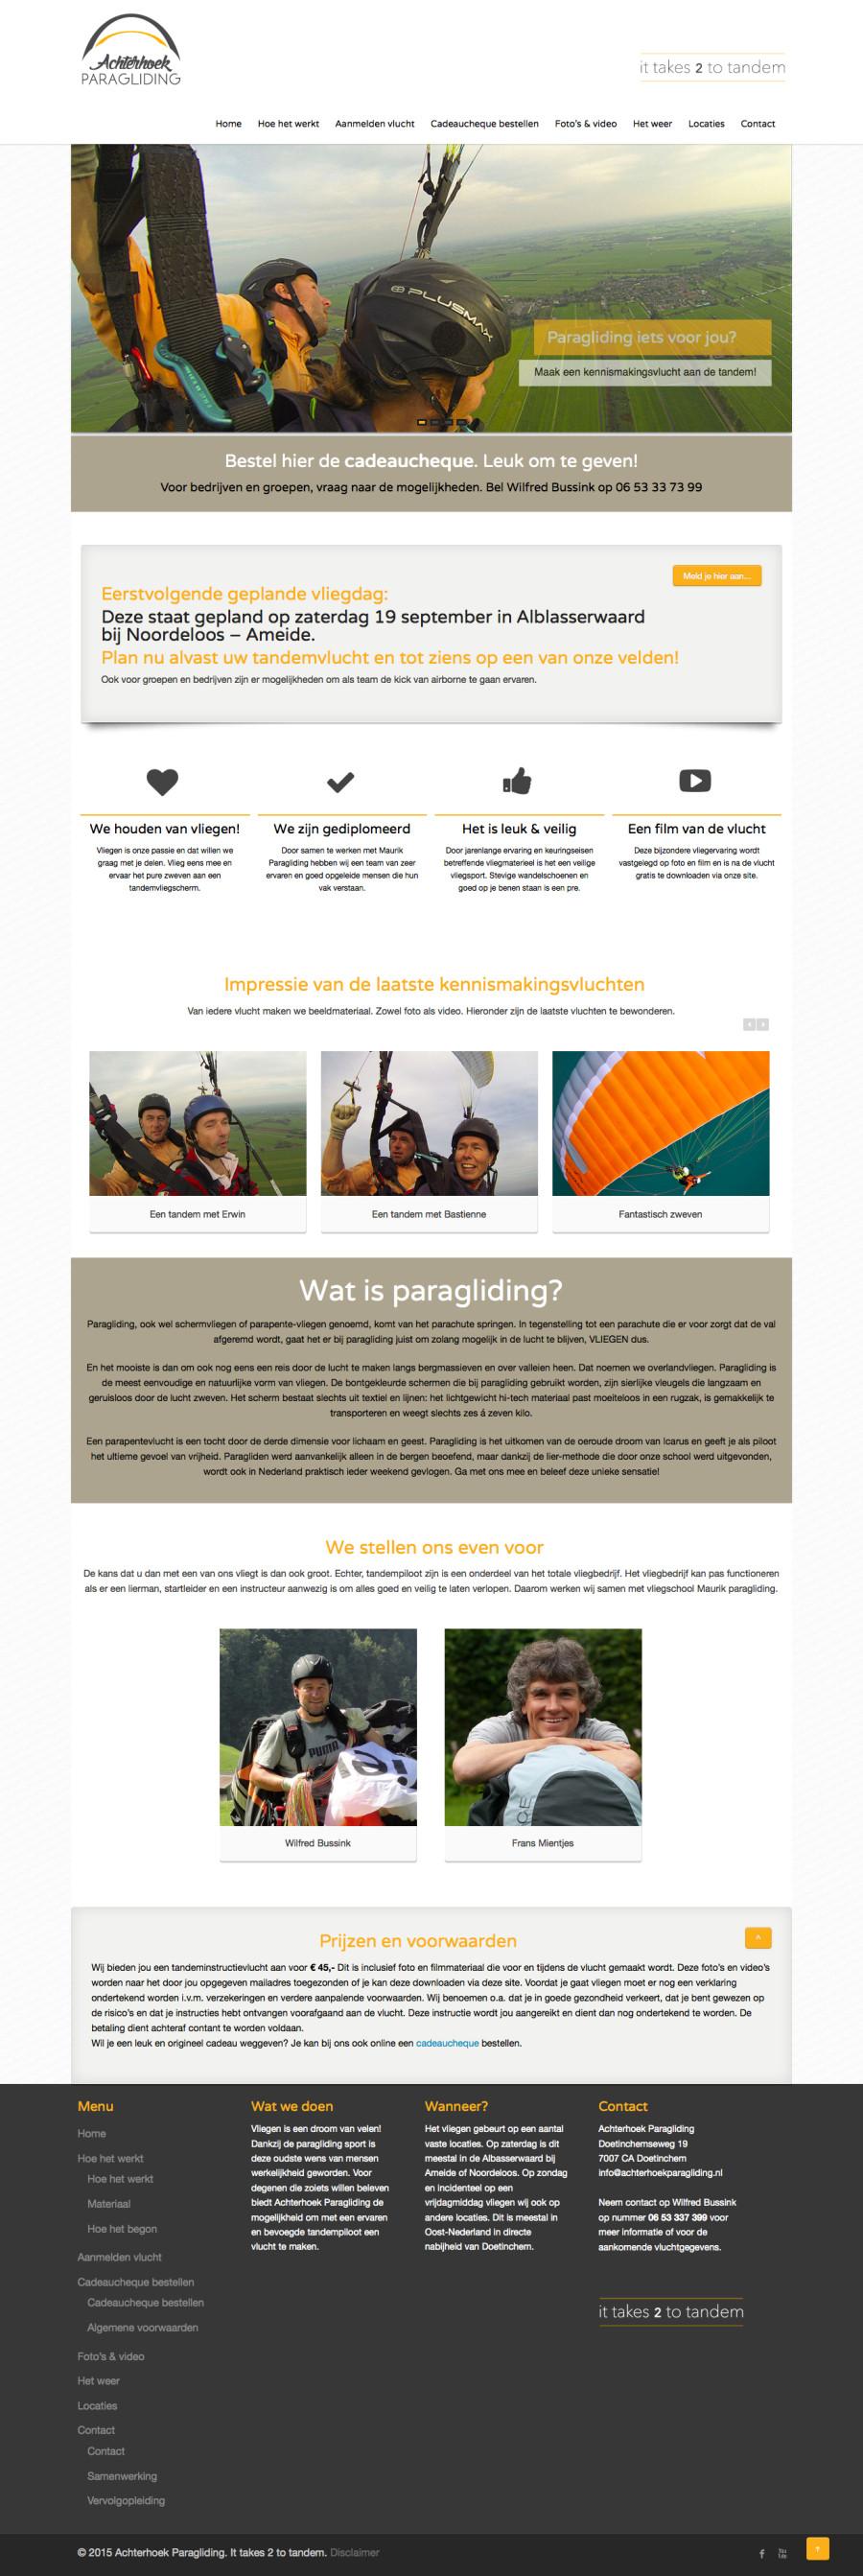 AP_homepage_compleet